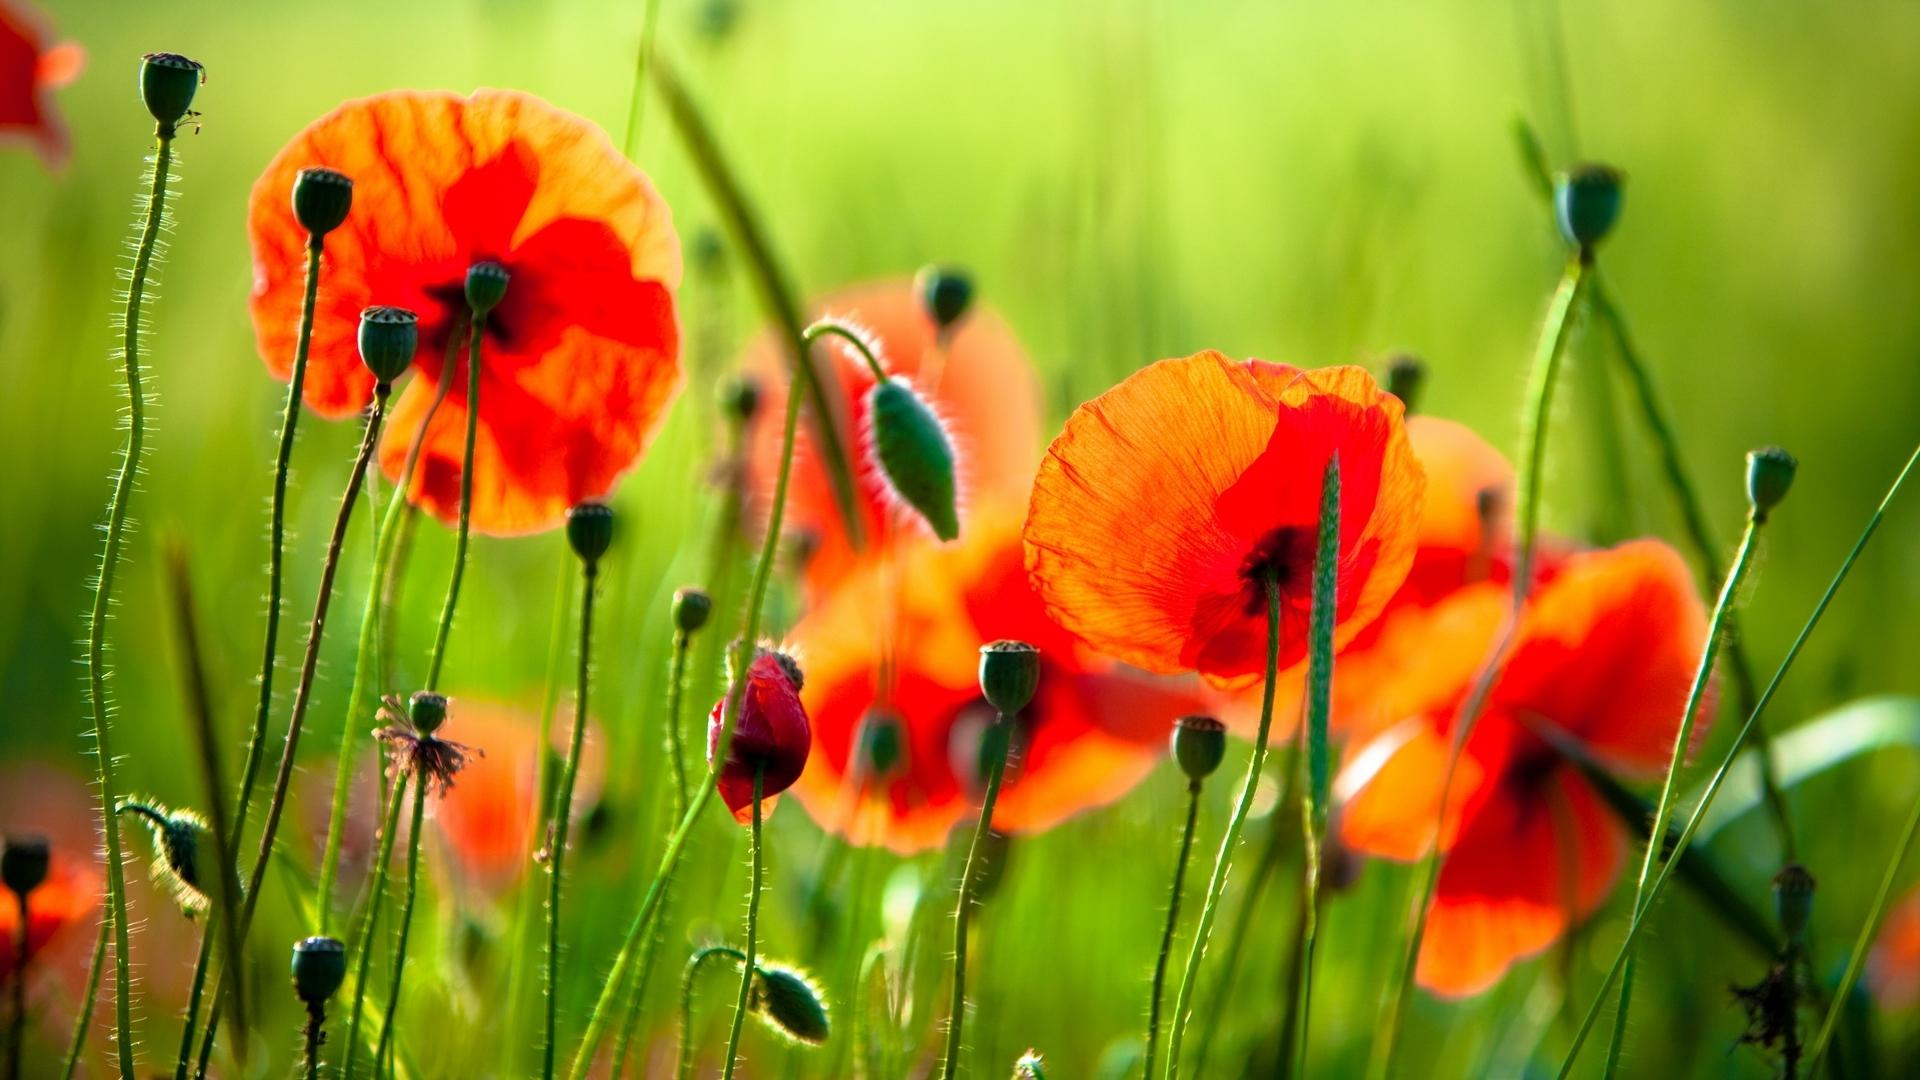 45017 скачать обои Растения, Цветы, Маки - заставки и картинки бесплатно